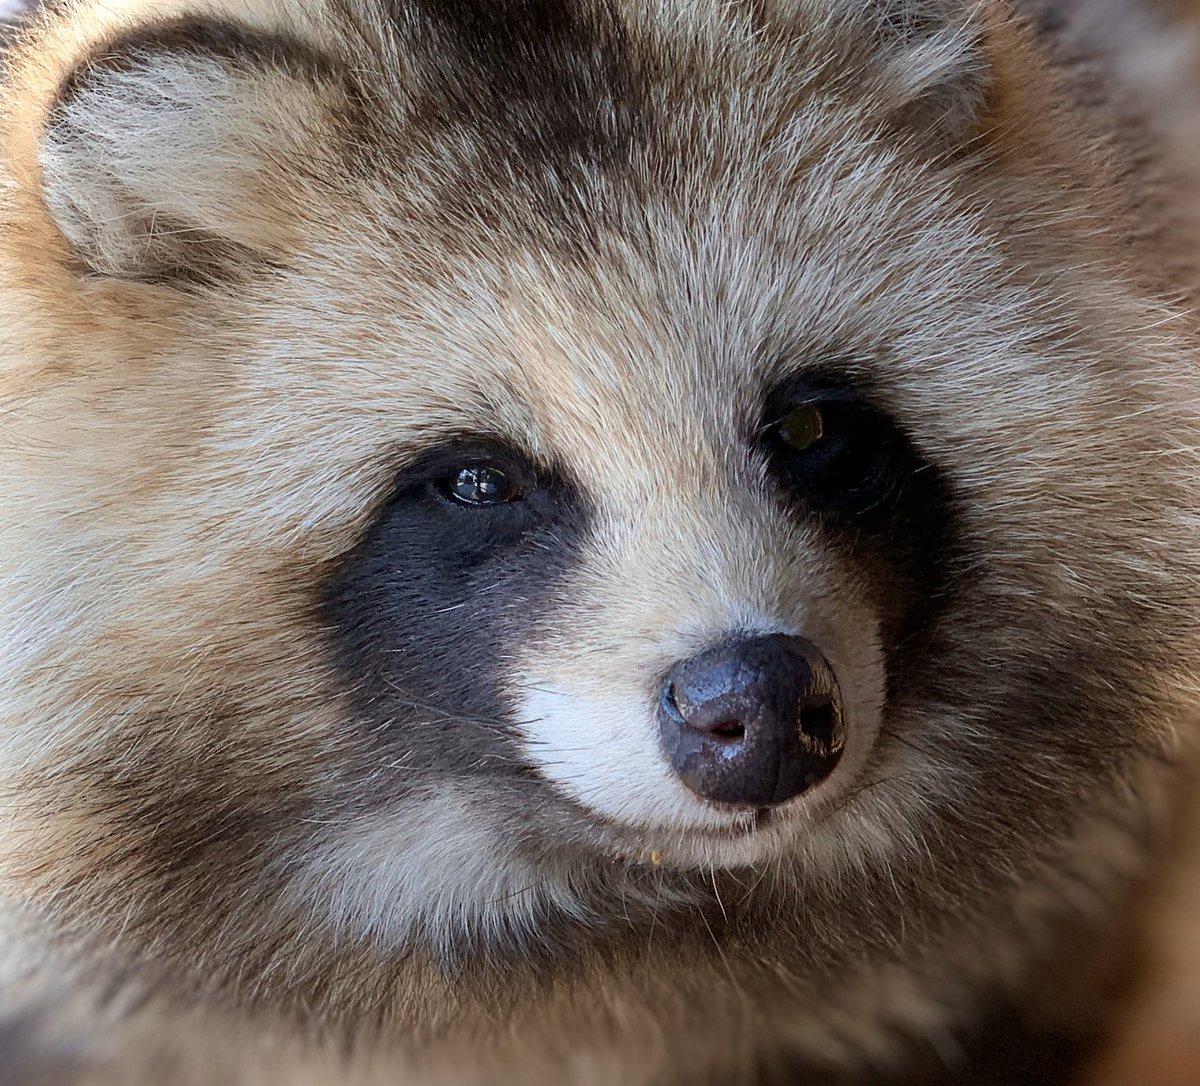 あんシロ交互にトコトコとblog()#おびひろ動物園 #エゾタヌキ#obihirozoo   #raccoondog#今日のたぬき  #tanuki